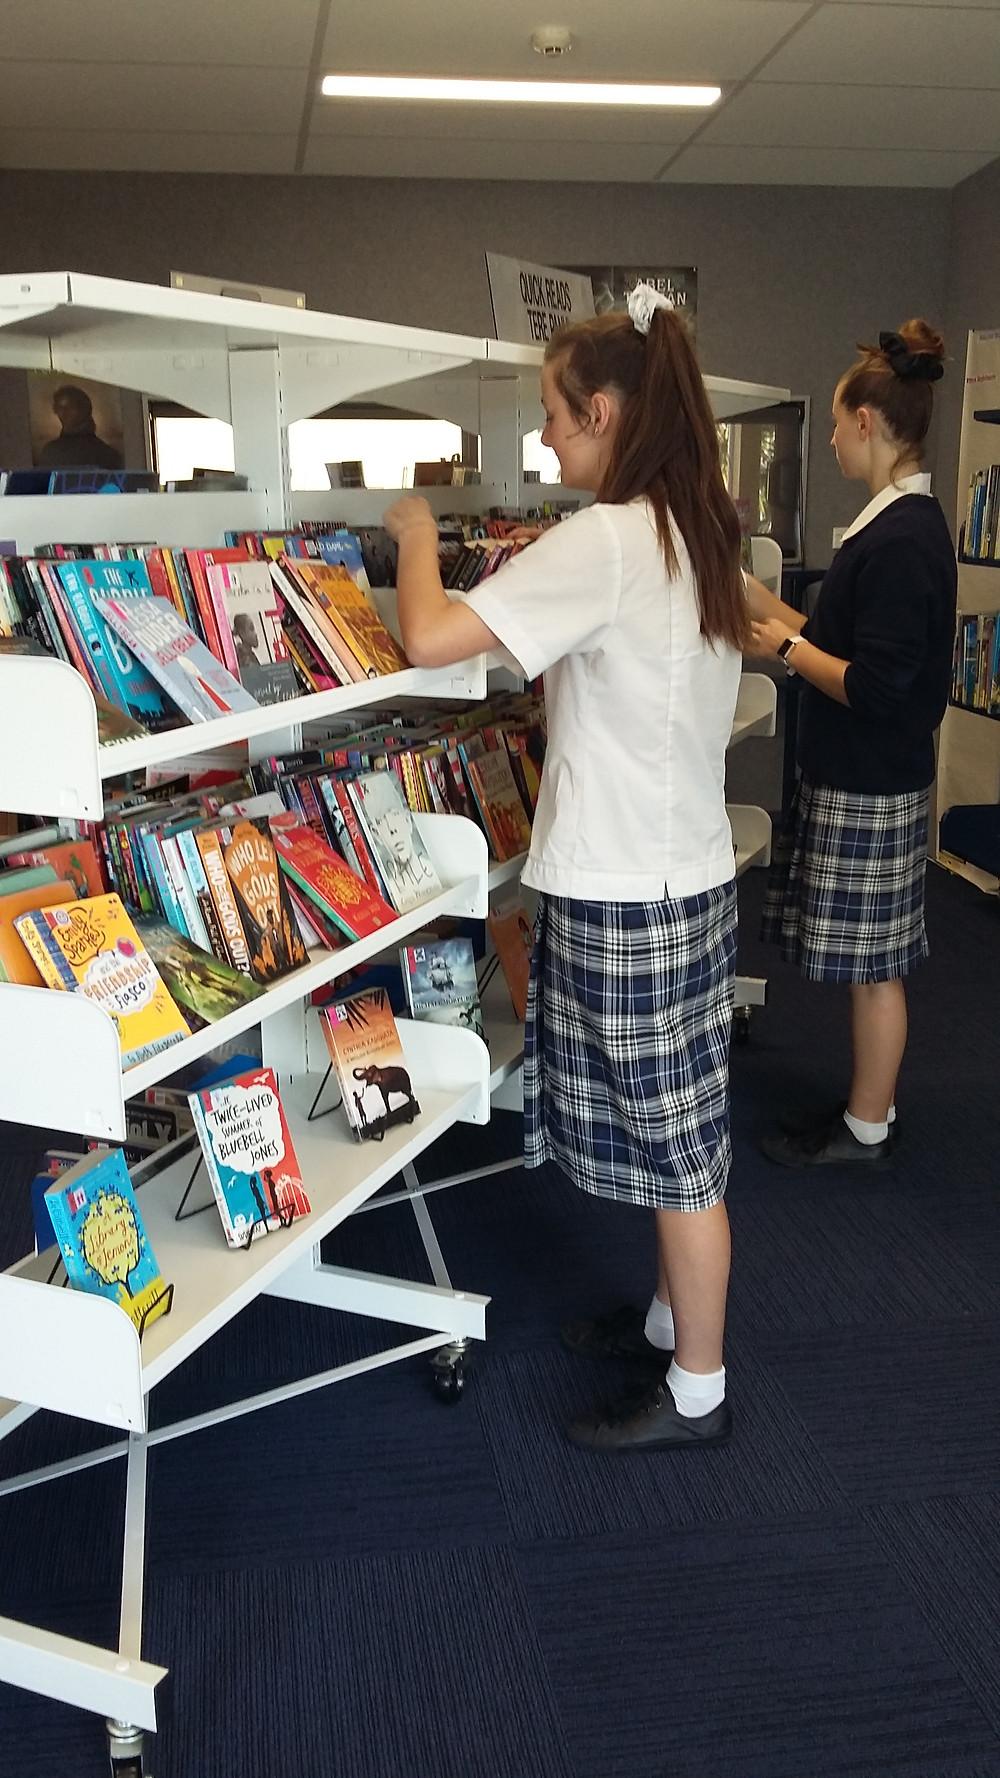 marlborough girls browsing